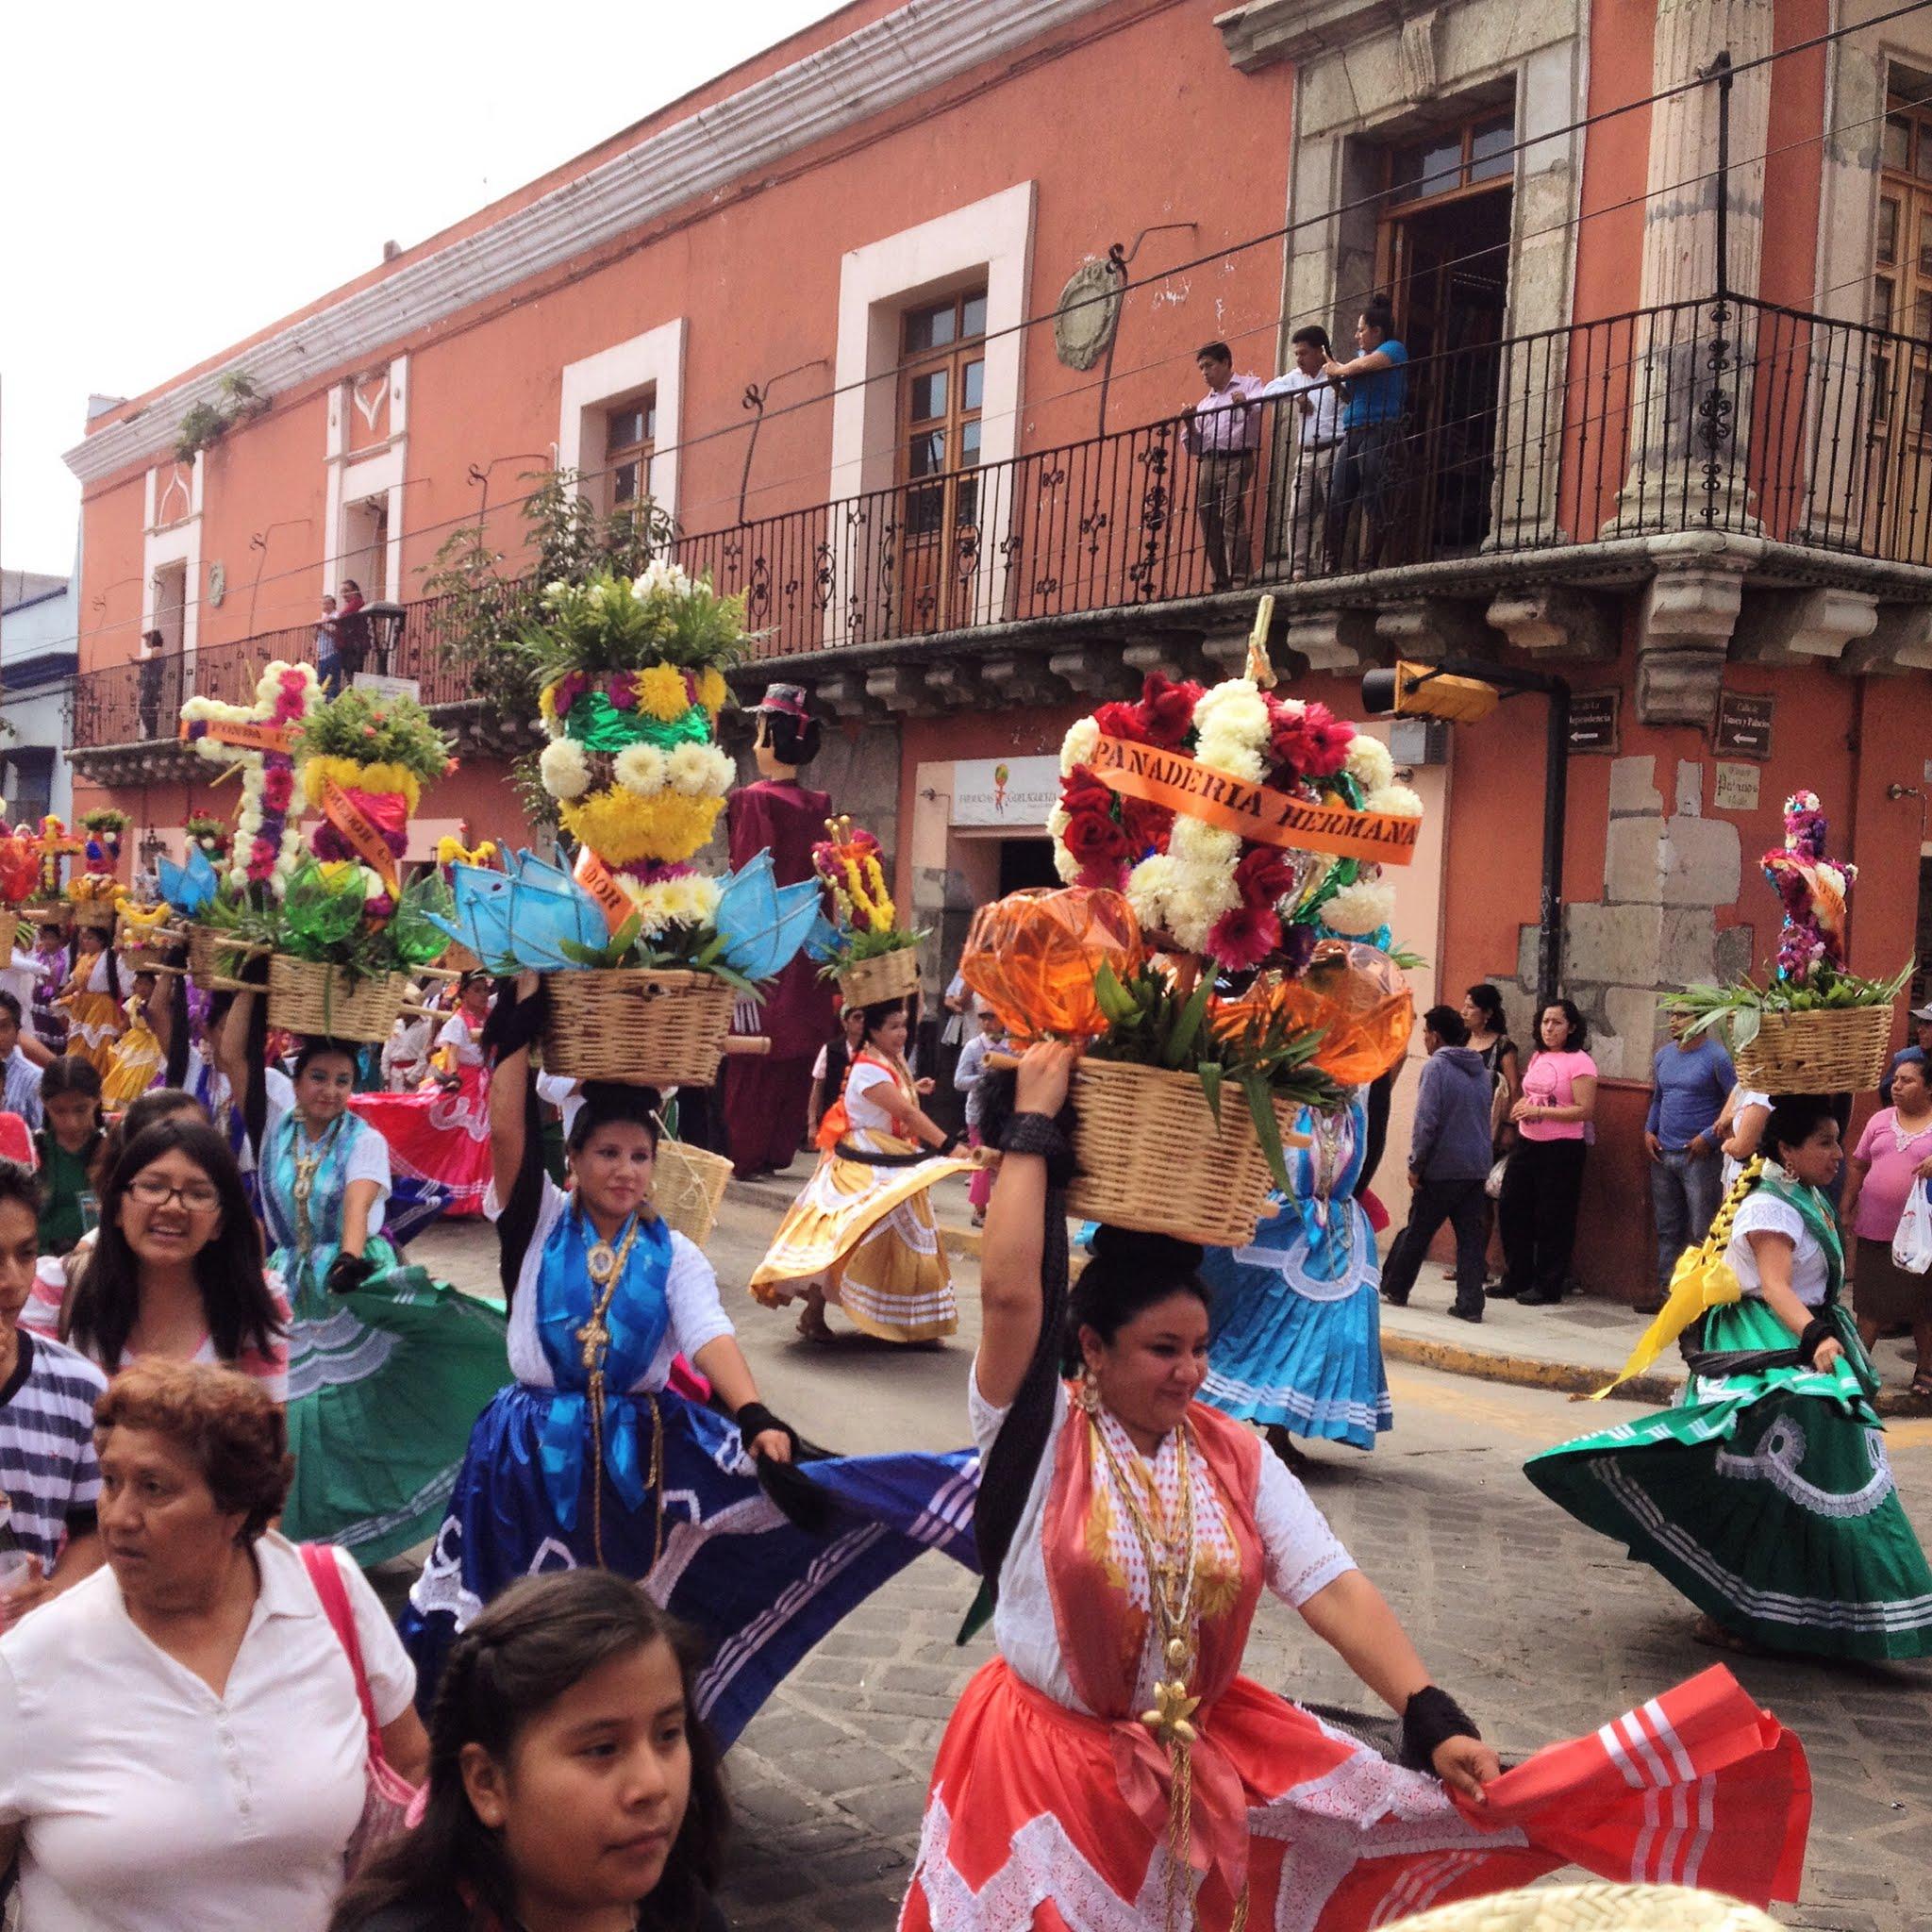 Calenda during Guelaguetza